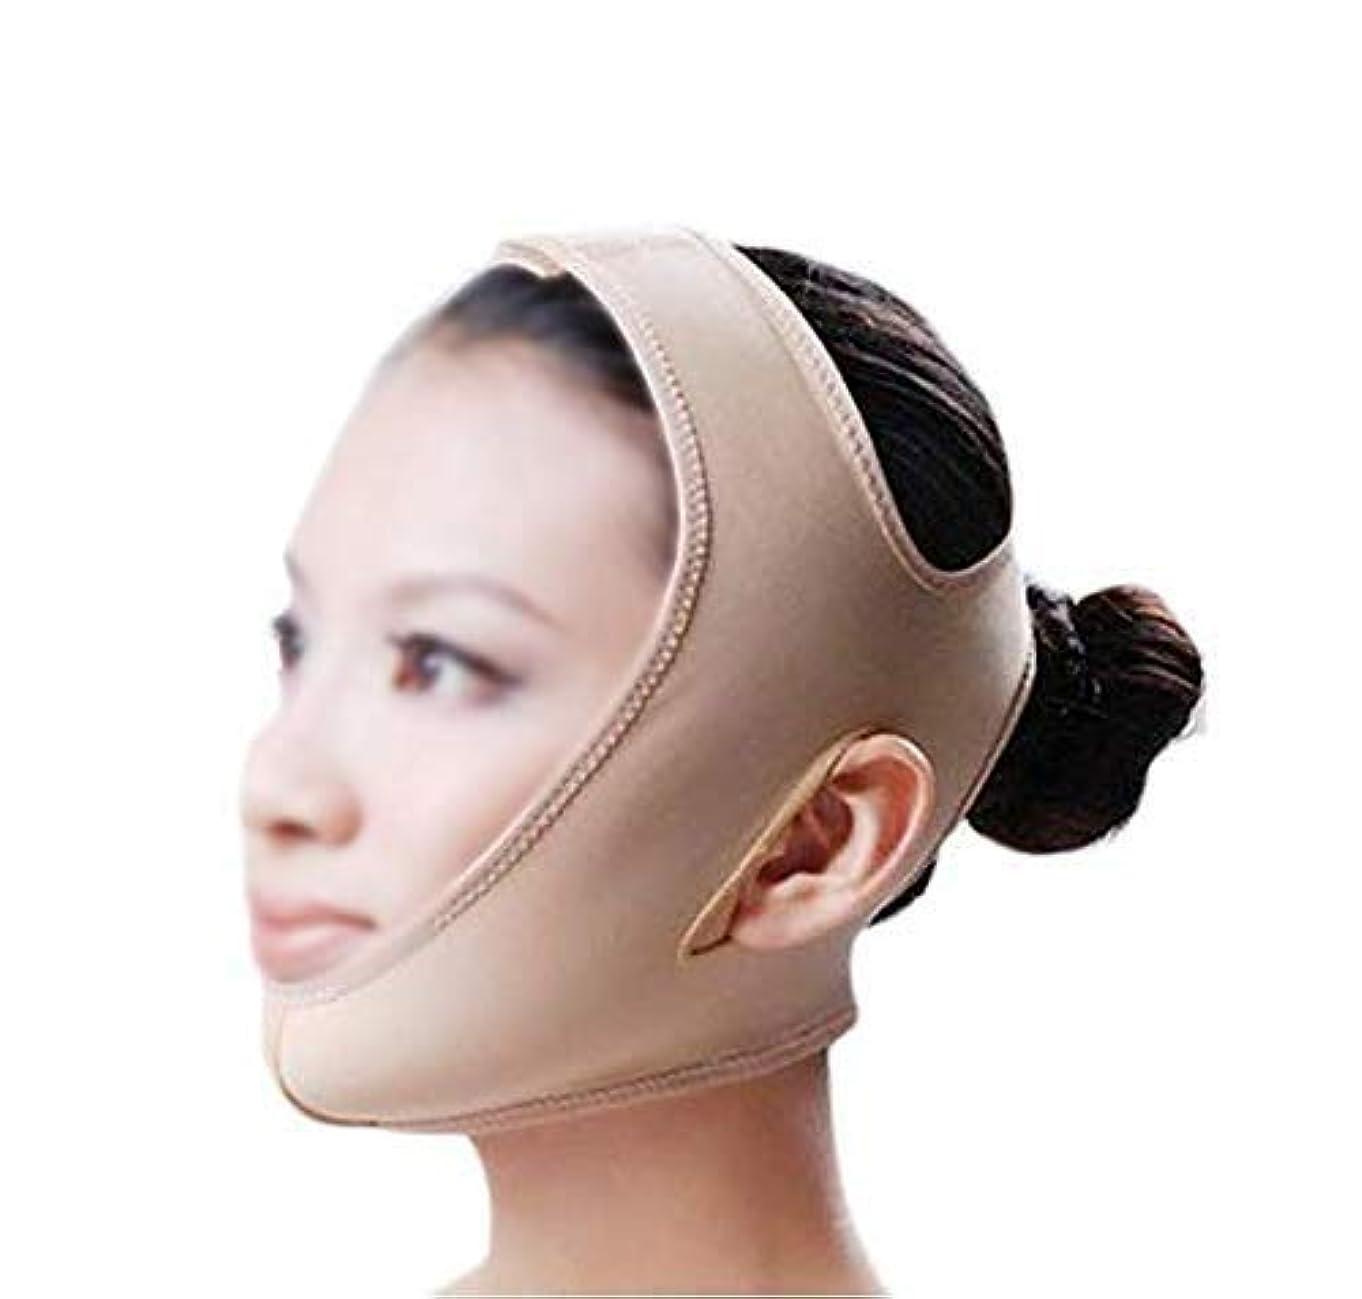 領事館租界提供ファーミングフェイスマスク、マスクフェイシャルマスクビューティーメディシンフェイスマスクビューティーVフェイスバンデージラインカービングリフティングファーミングダブルチンマスク(サイズ:M)